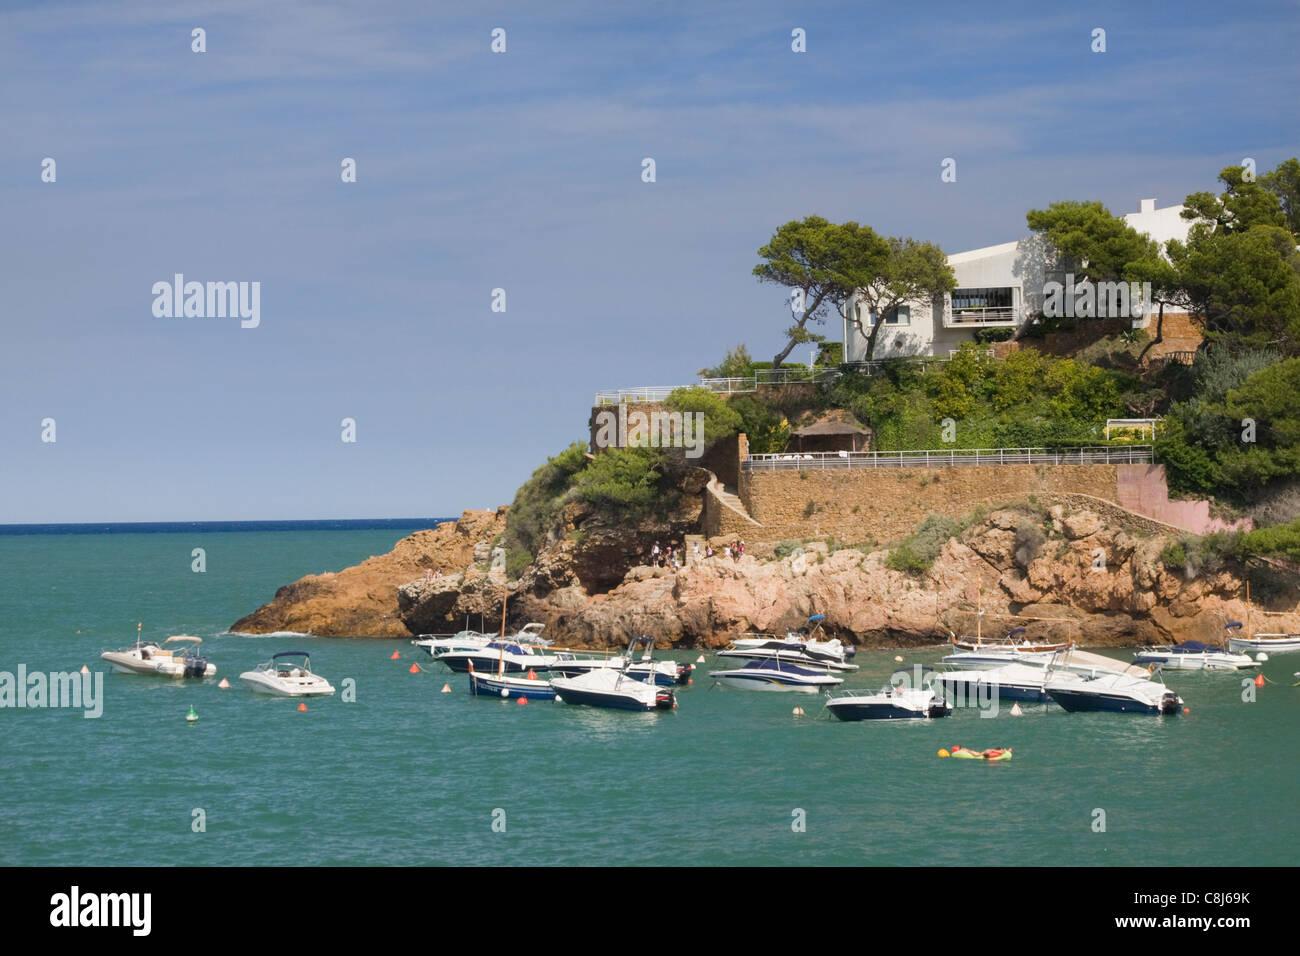 Luxury villa at Sa Riera, Costa Brava, Catalonia, Spain - Stock Image